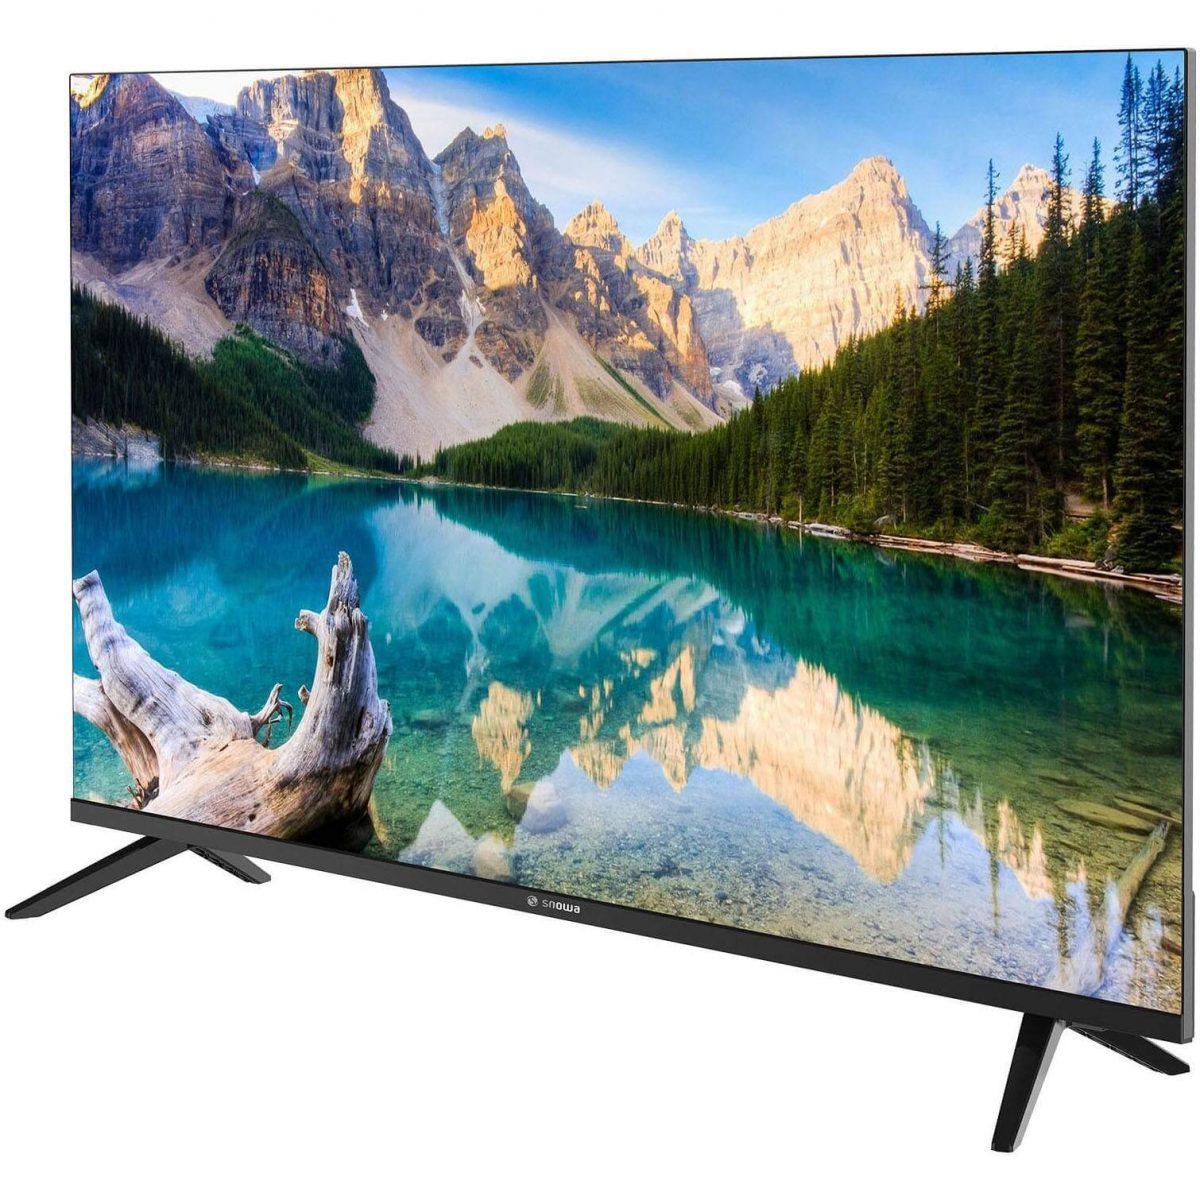 چارسومارکت-فروشگاه اینترنتی-ال ای دی- اسنوا-snowa-تلویزیون اسنوا تلویزیون ال ای دی 50 اینچ مدلSSD-50SA560U (1)